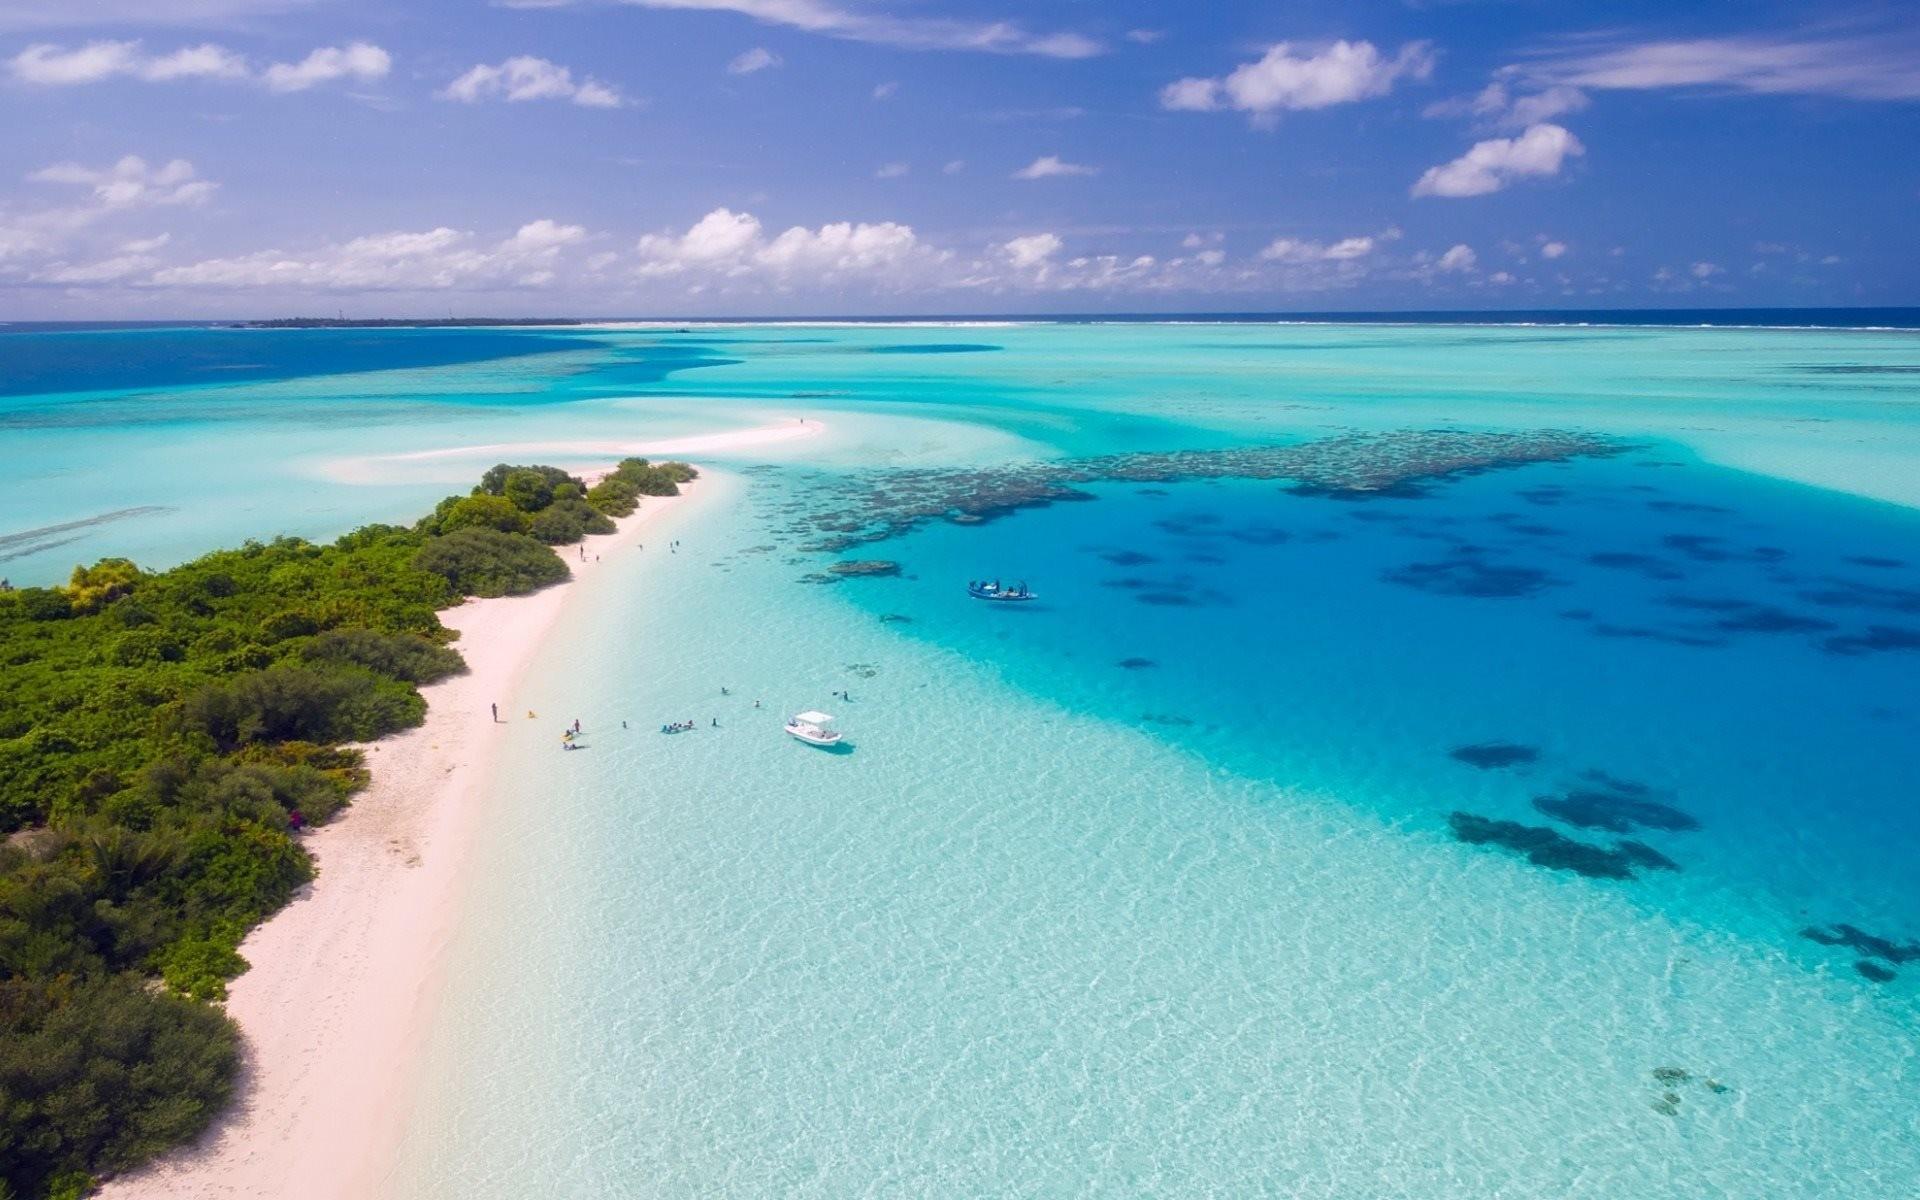 Sfondi desktop mare maldive